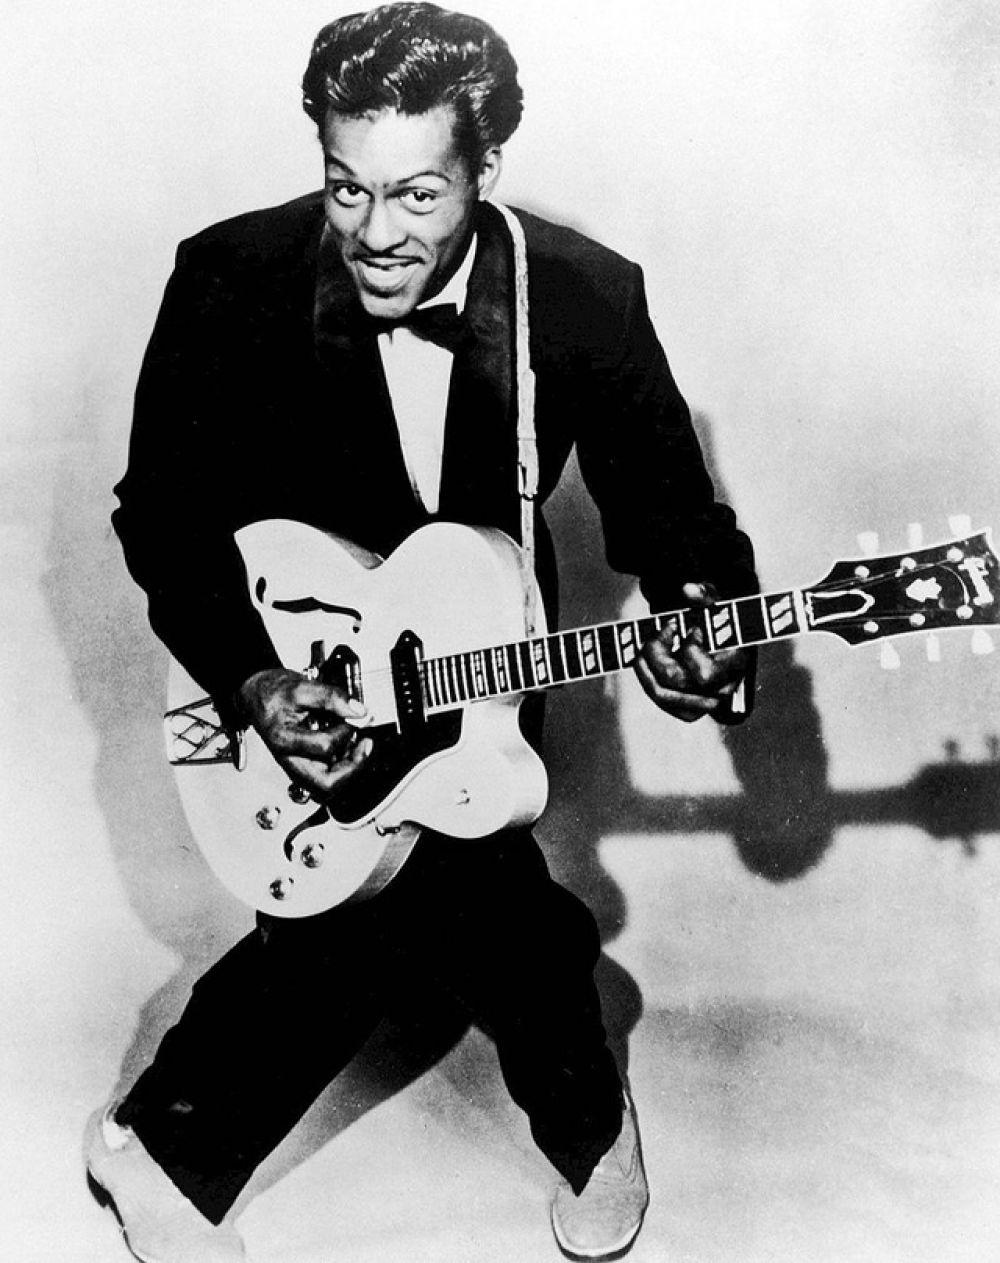 Чак Берри принял участие в съёмках двух фильмов — «Рок, рок, рок» и «Давай, Джонни, давай!».